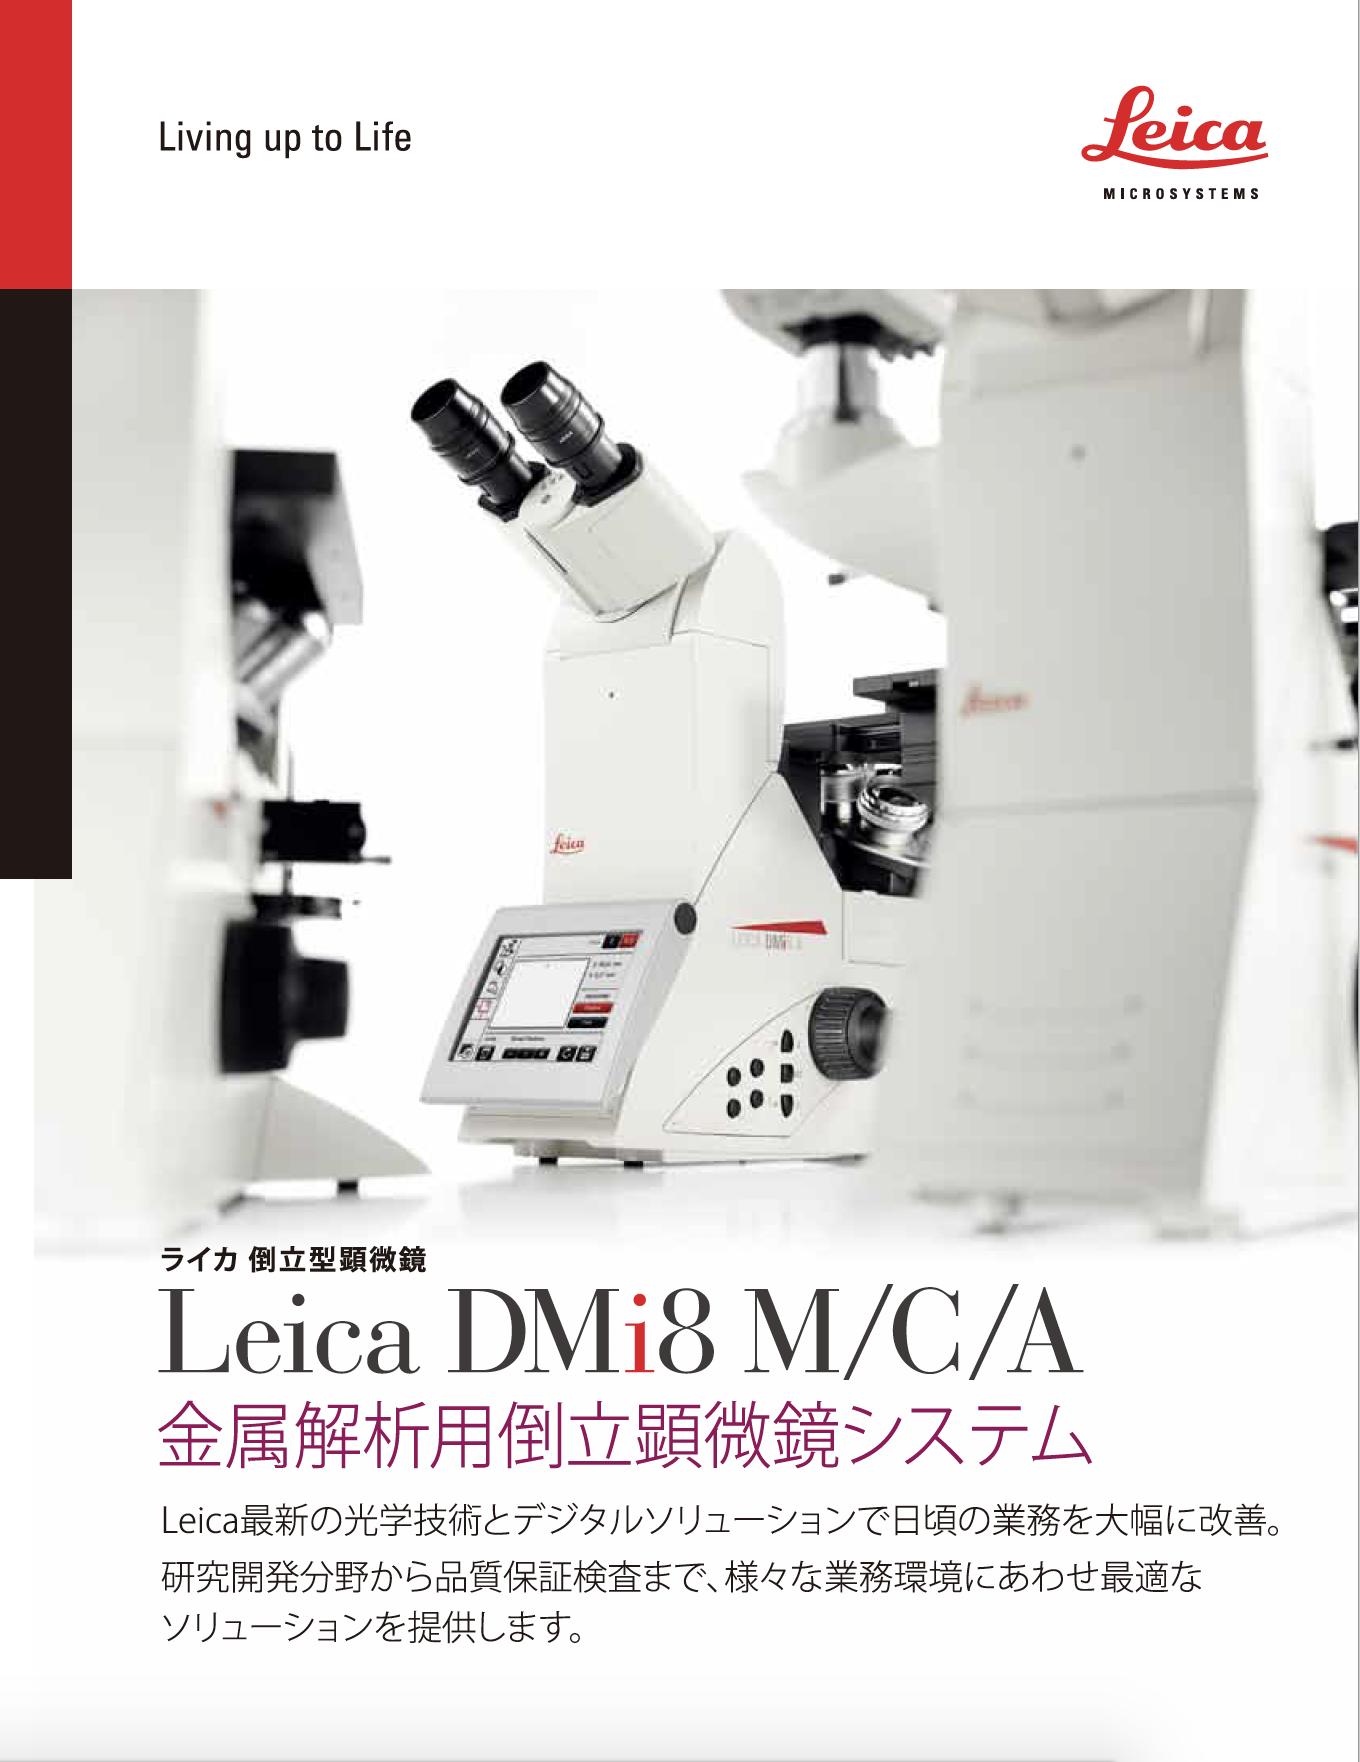 ダウンロード/金属解析用倒立顕微鏡 Leica DMi8 M/C/A カタログ